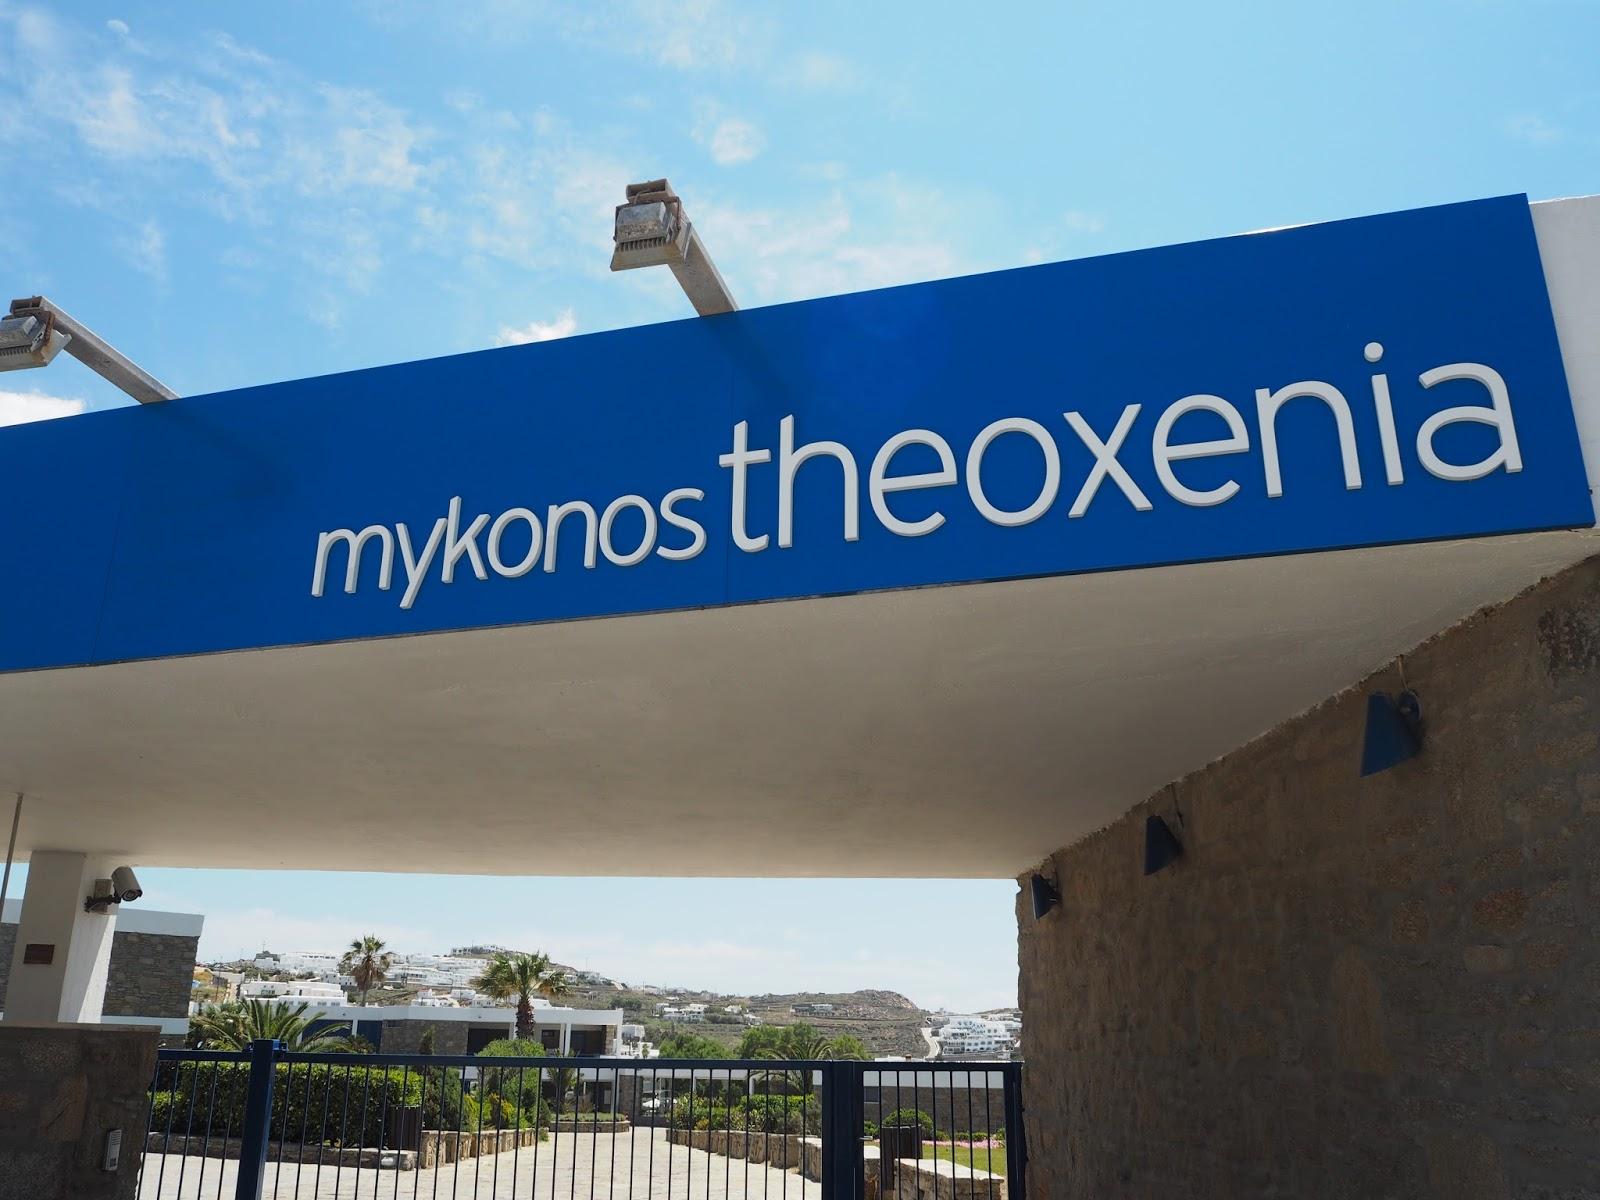 Zeena Xena Reviews Mykonos Theoxenia Hotel in Greece